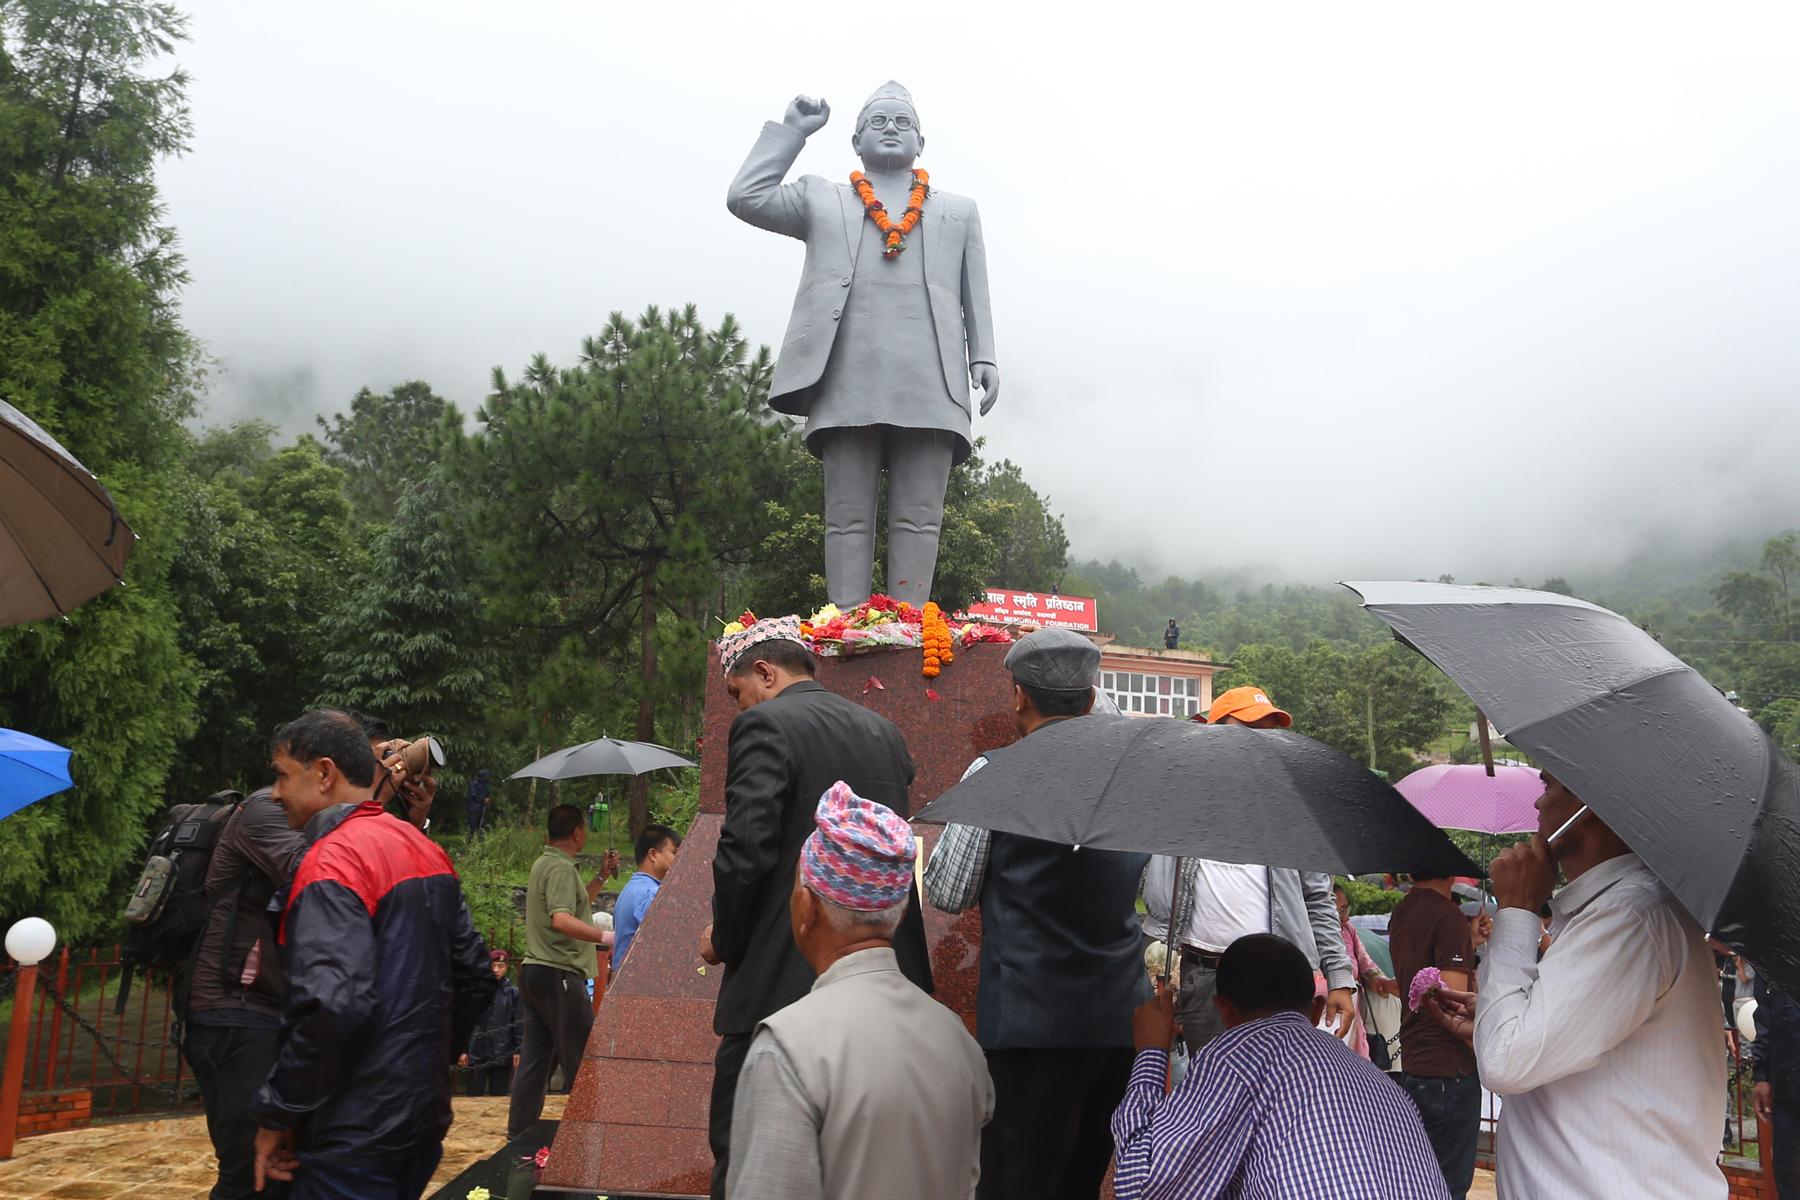 आज पुष्पलाल श्रेष्ठको ४३ औं स्मृति दिवस विभिन्न कार्यक्रम गरी मनाइँदै छ